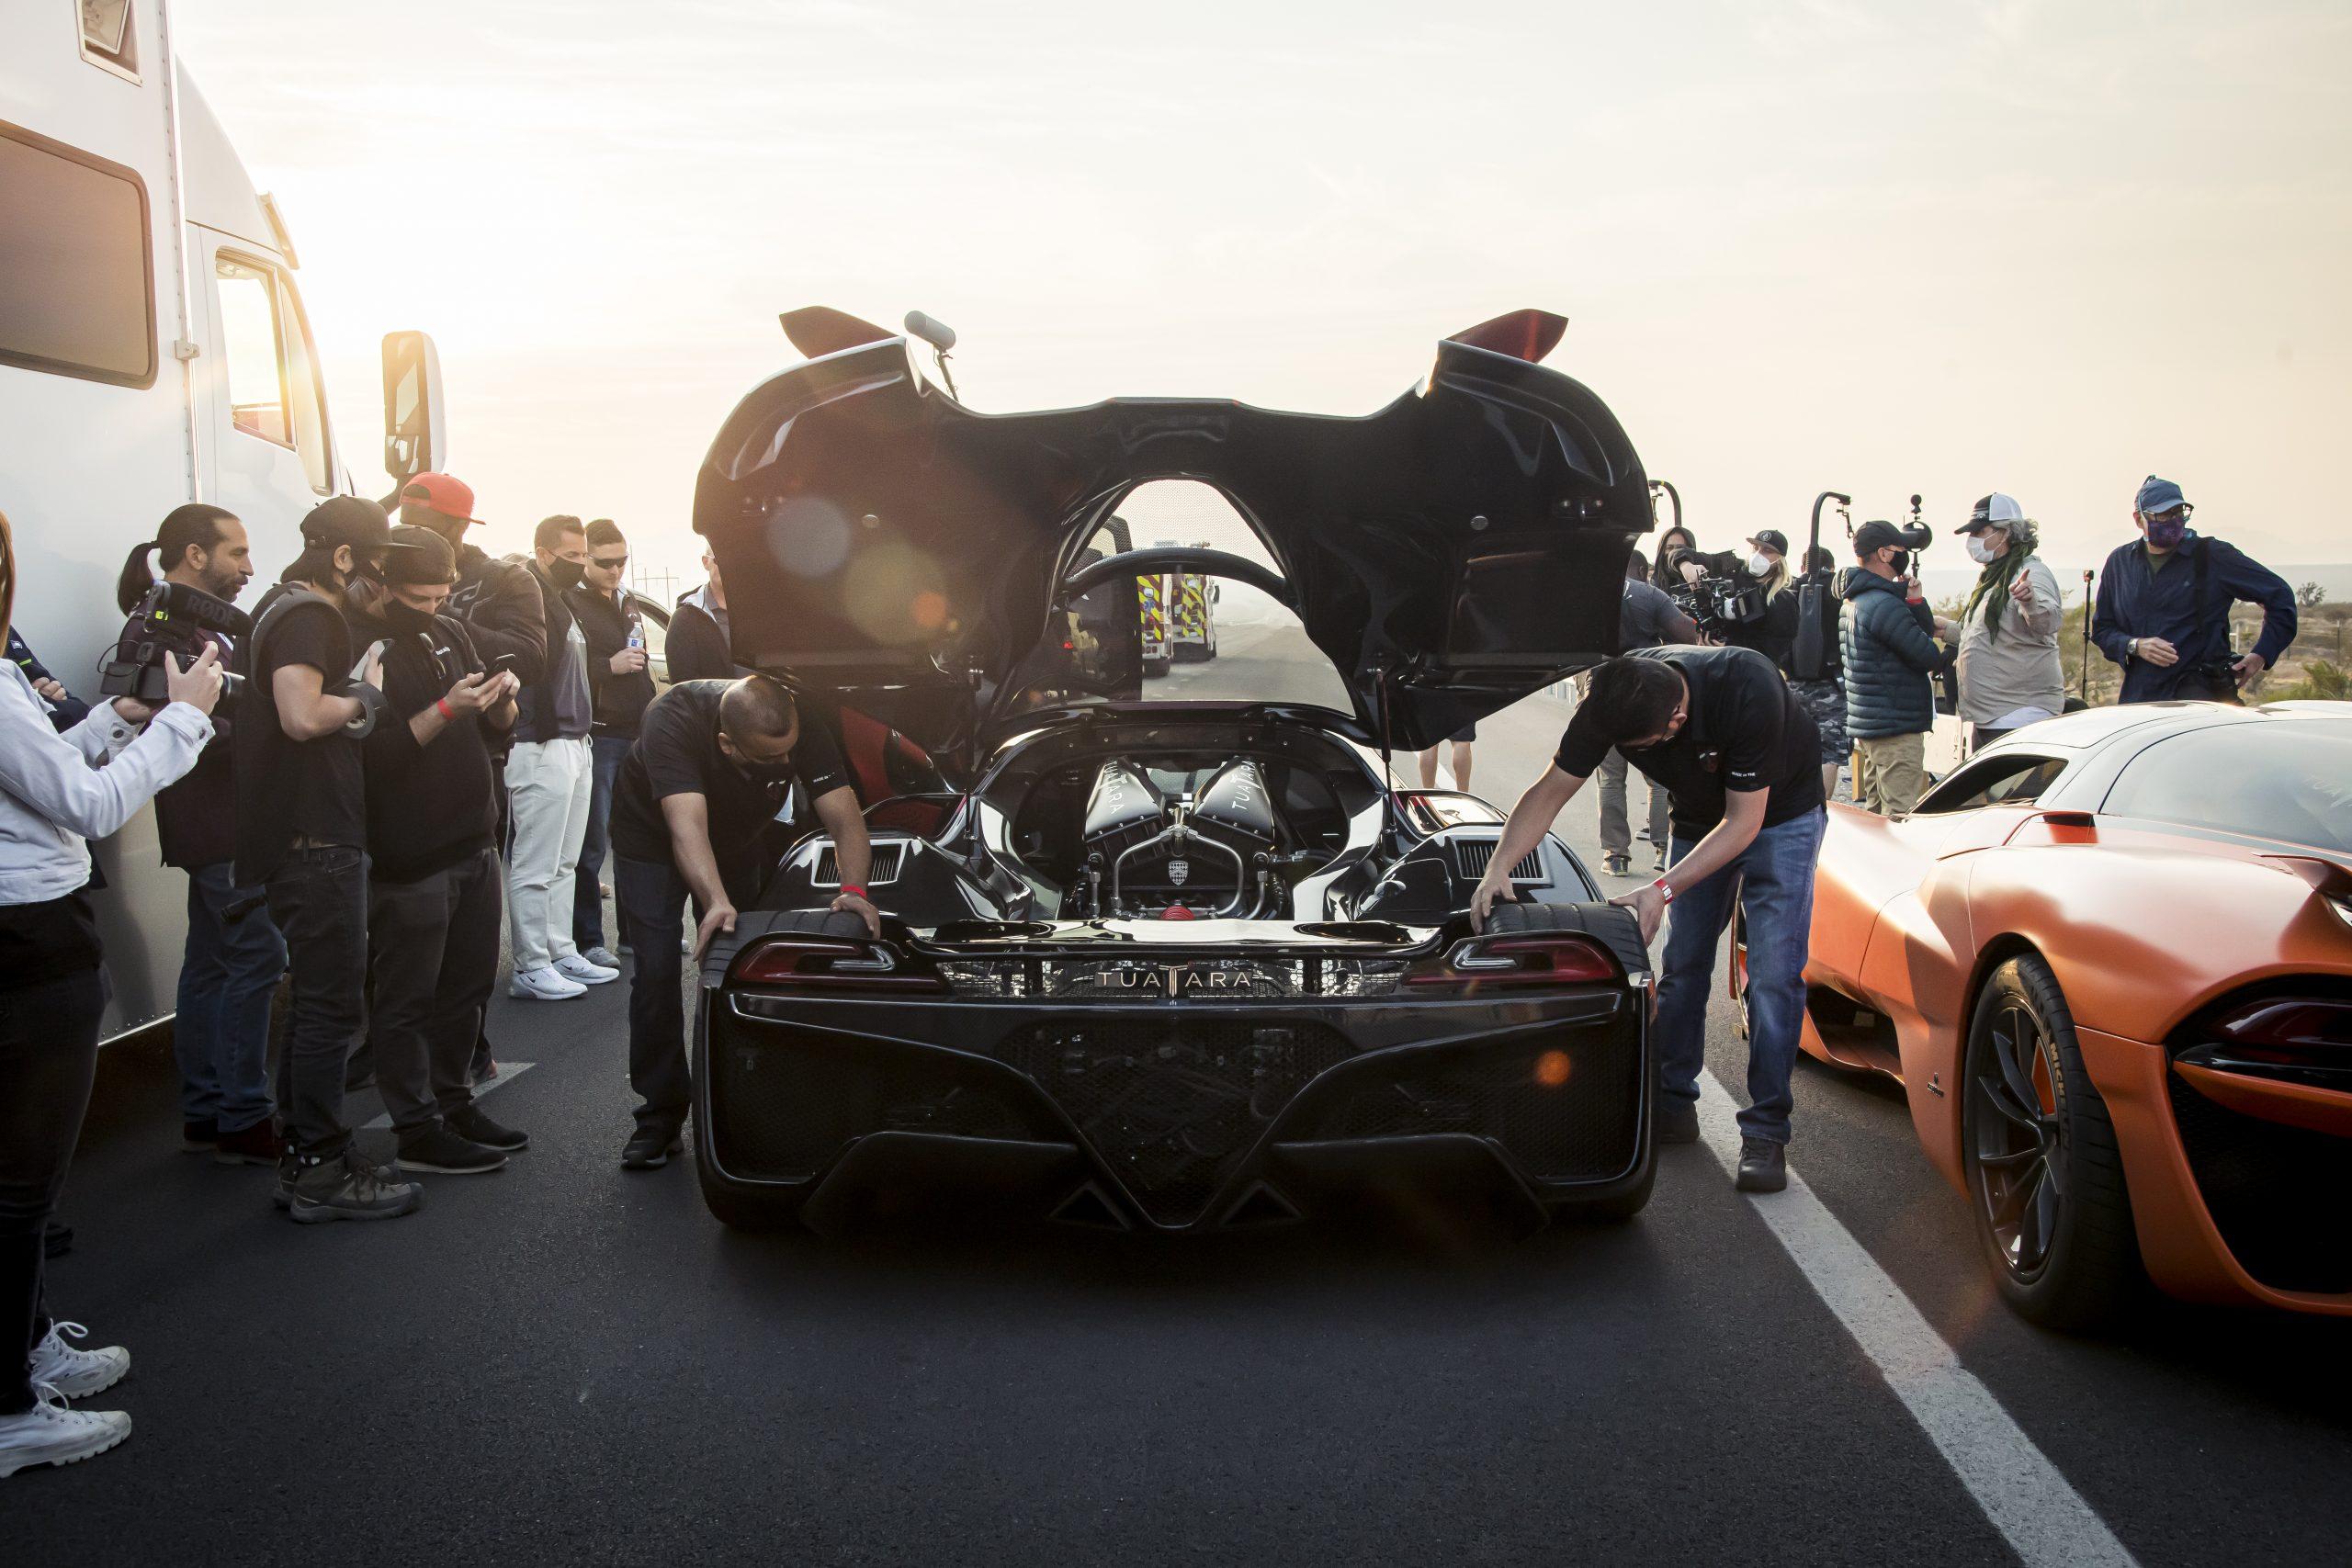 SSC Tuatara Production Car Speed Record rear